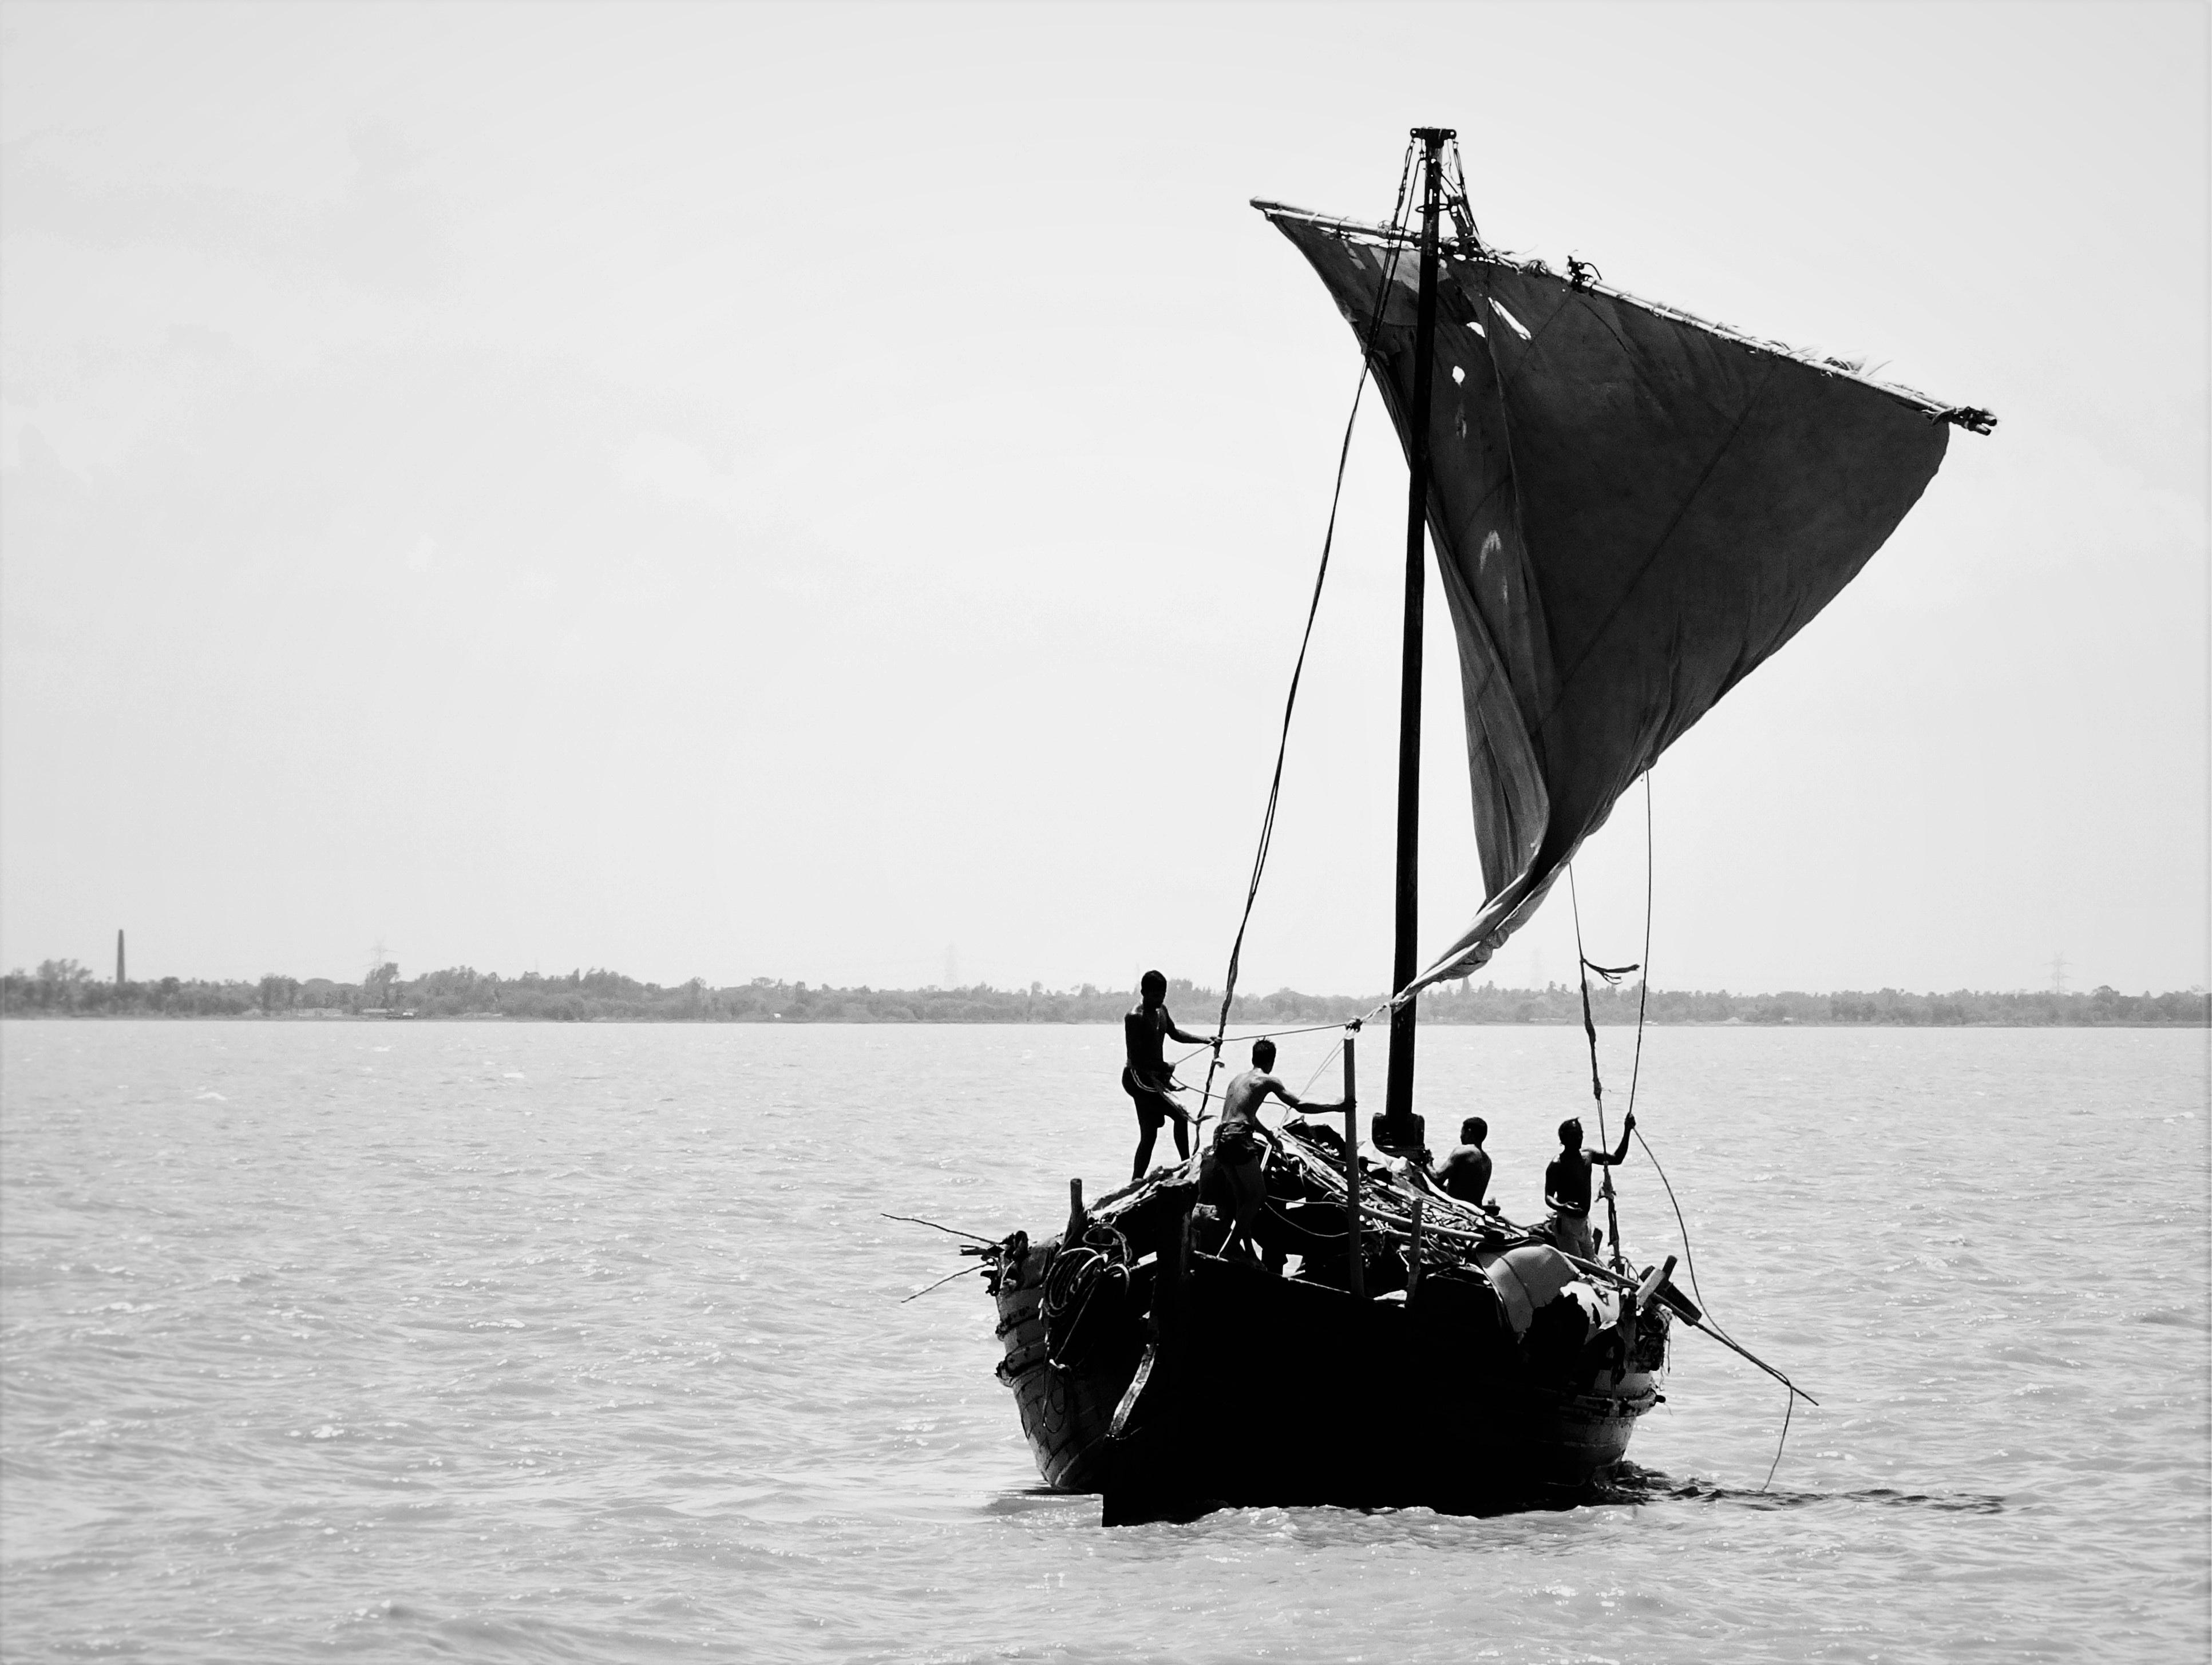 bateau de peche black and white